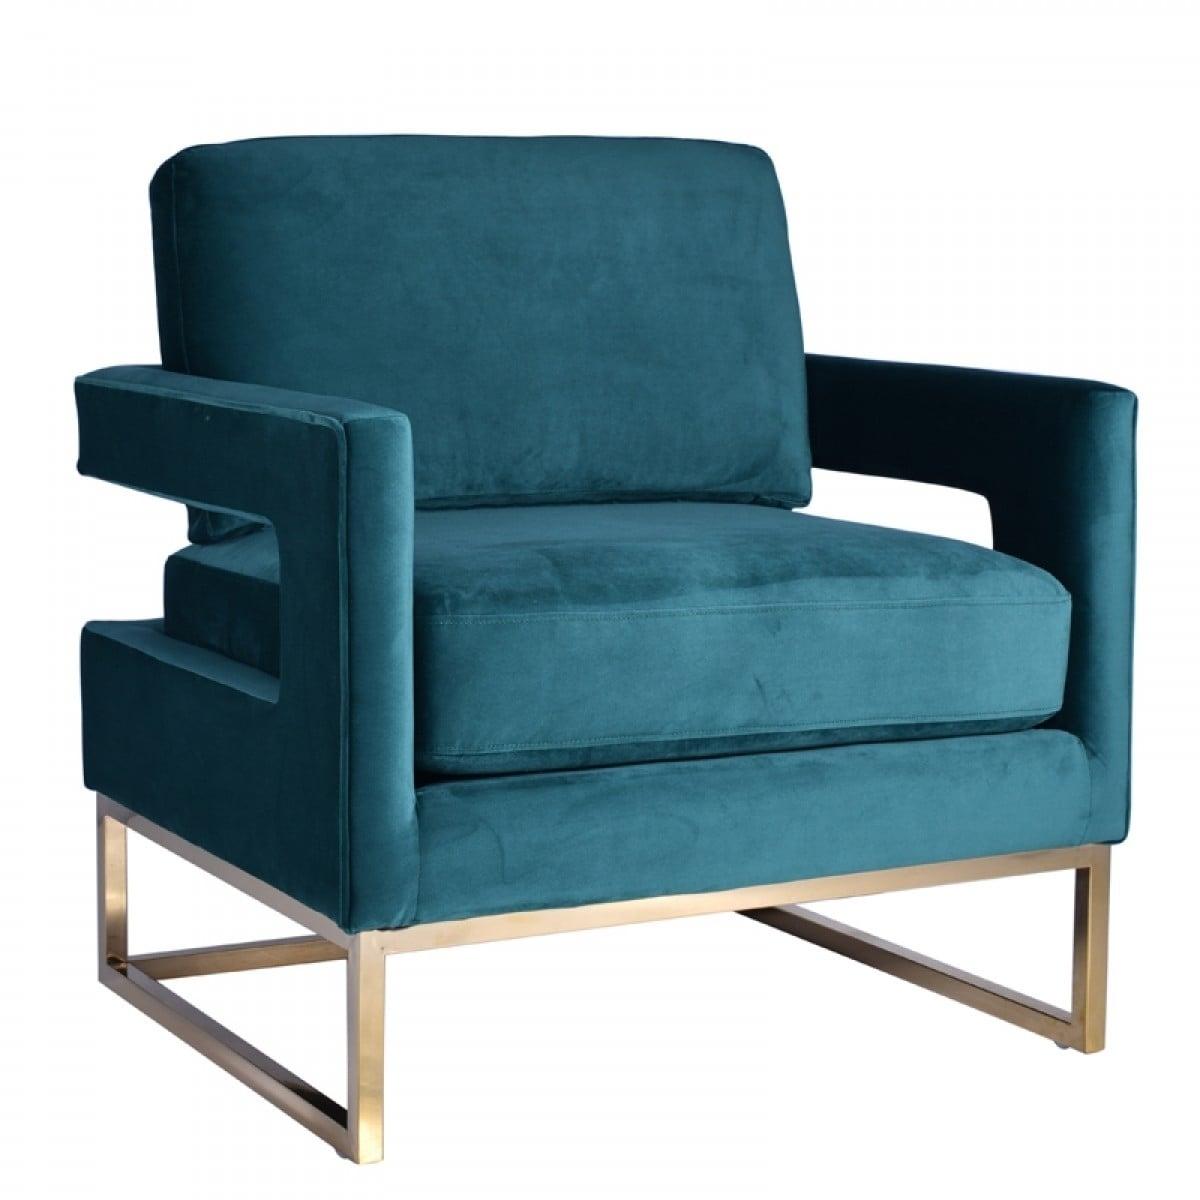 Modrest Edna Modern Teal Velvet Gold Accent Chair Overstock 26058072